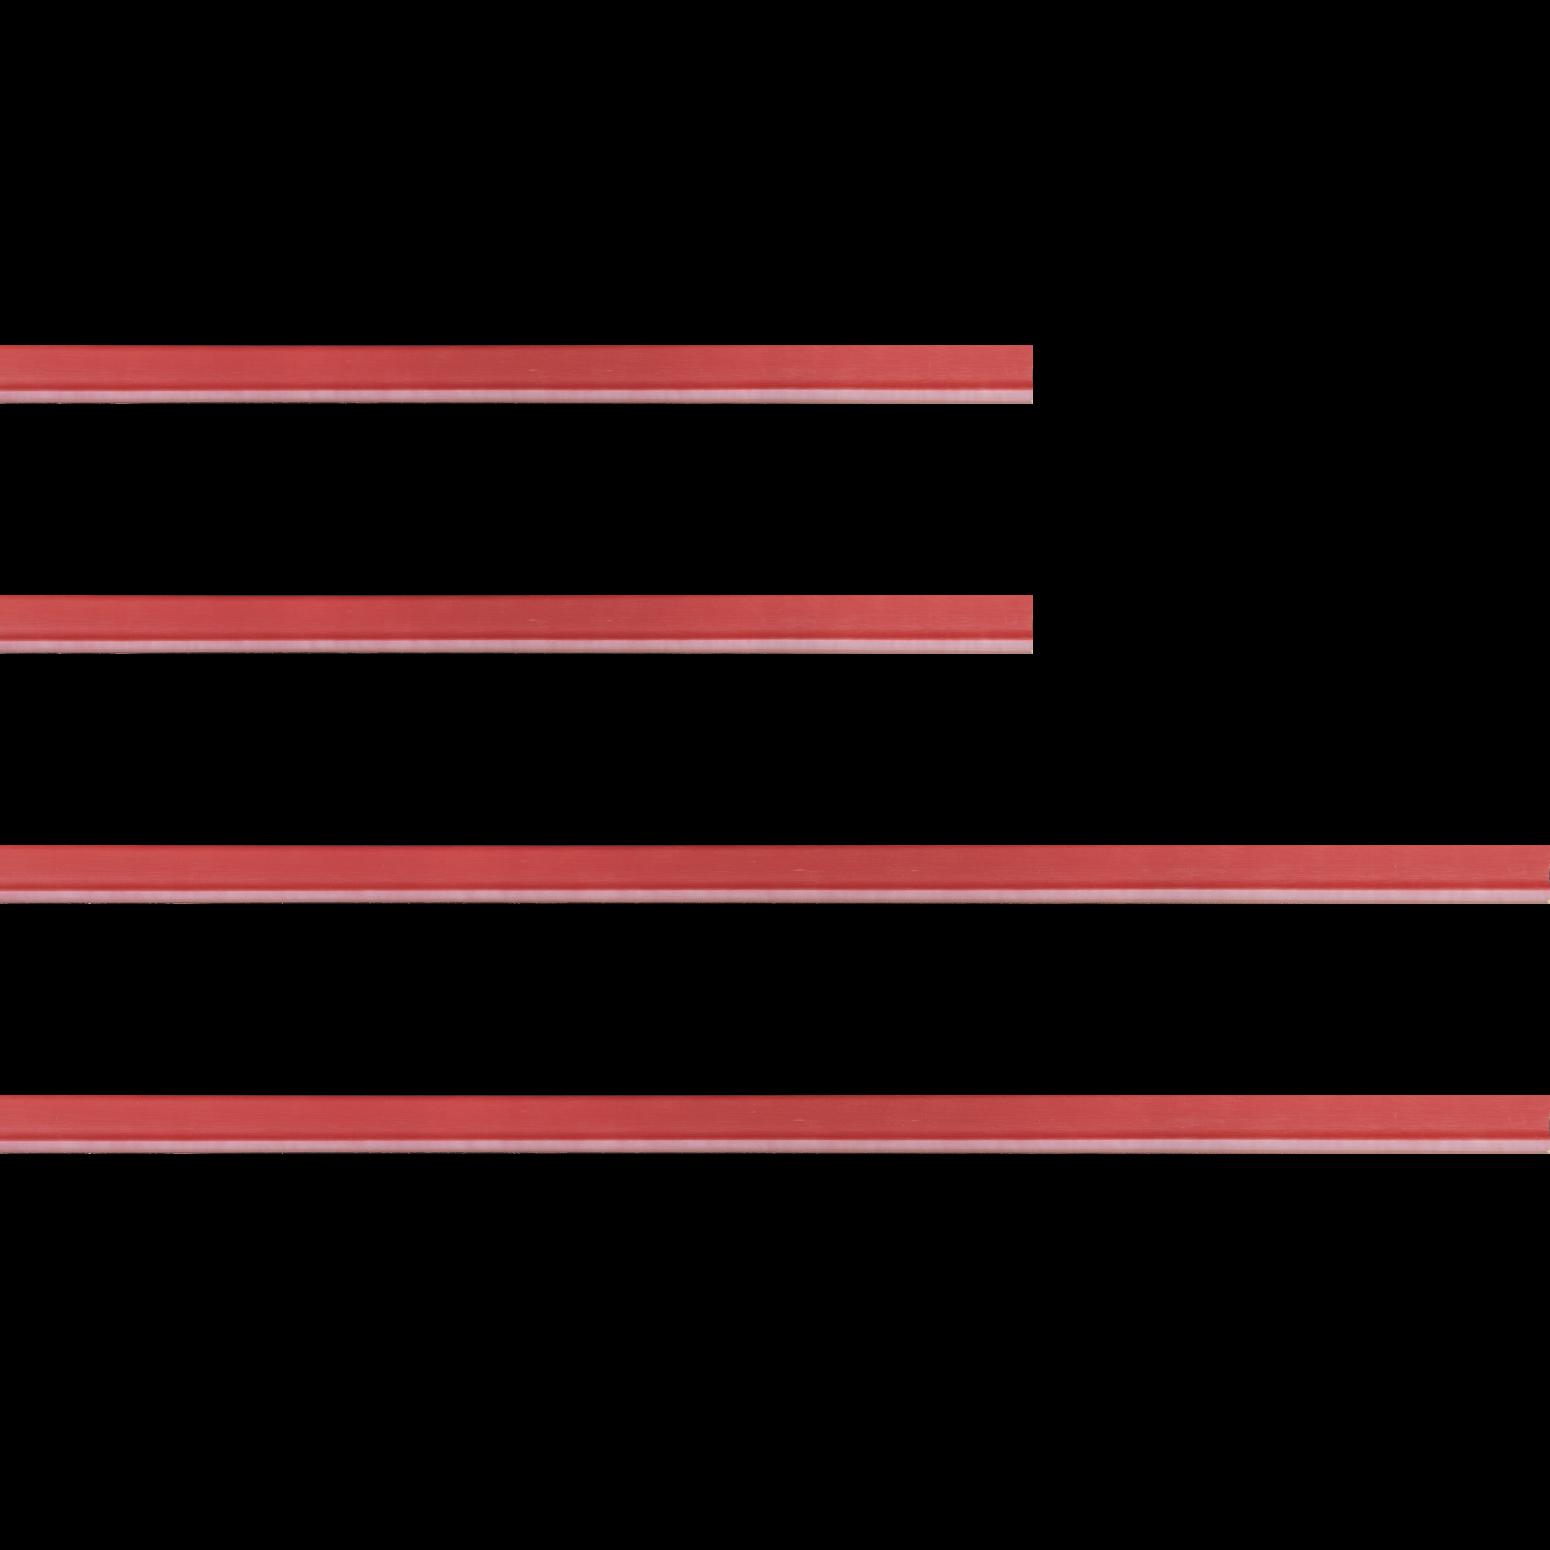 Baguette bois profil incurvé largeur 1.9cm de couleur rouge tonique filet intérieur blanchi